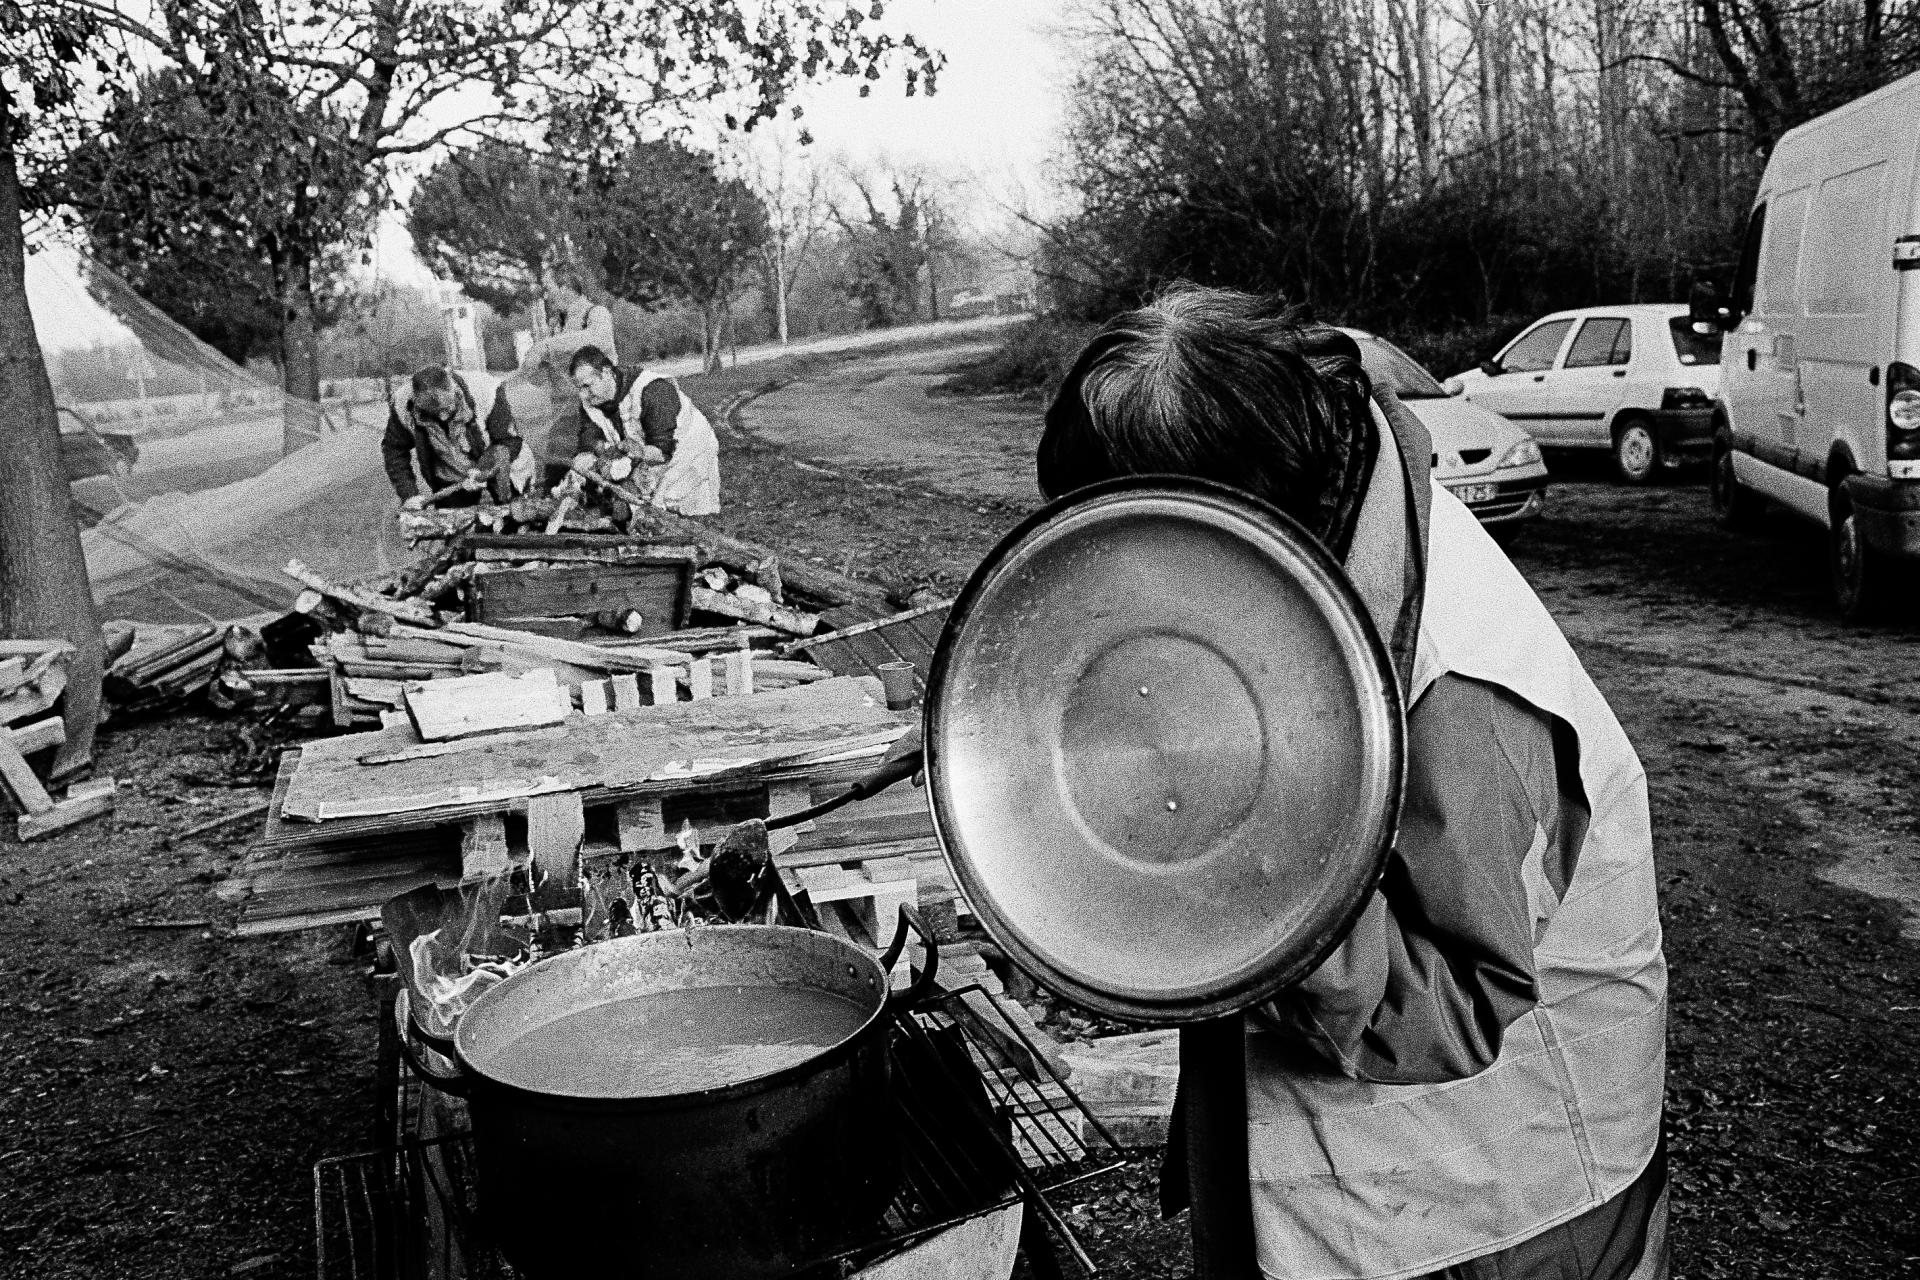 Rond-point de Samazan, à Marmande. Les «gilets jaunes» aménagent leur cahute afin de se protéger du vent, une soupe est préparée pour le déjeuner.